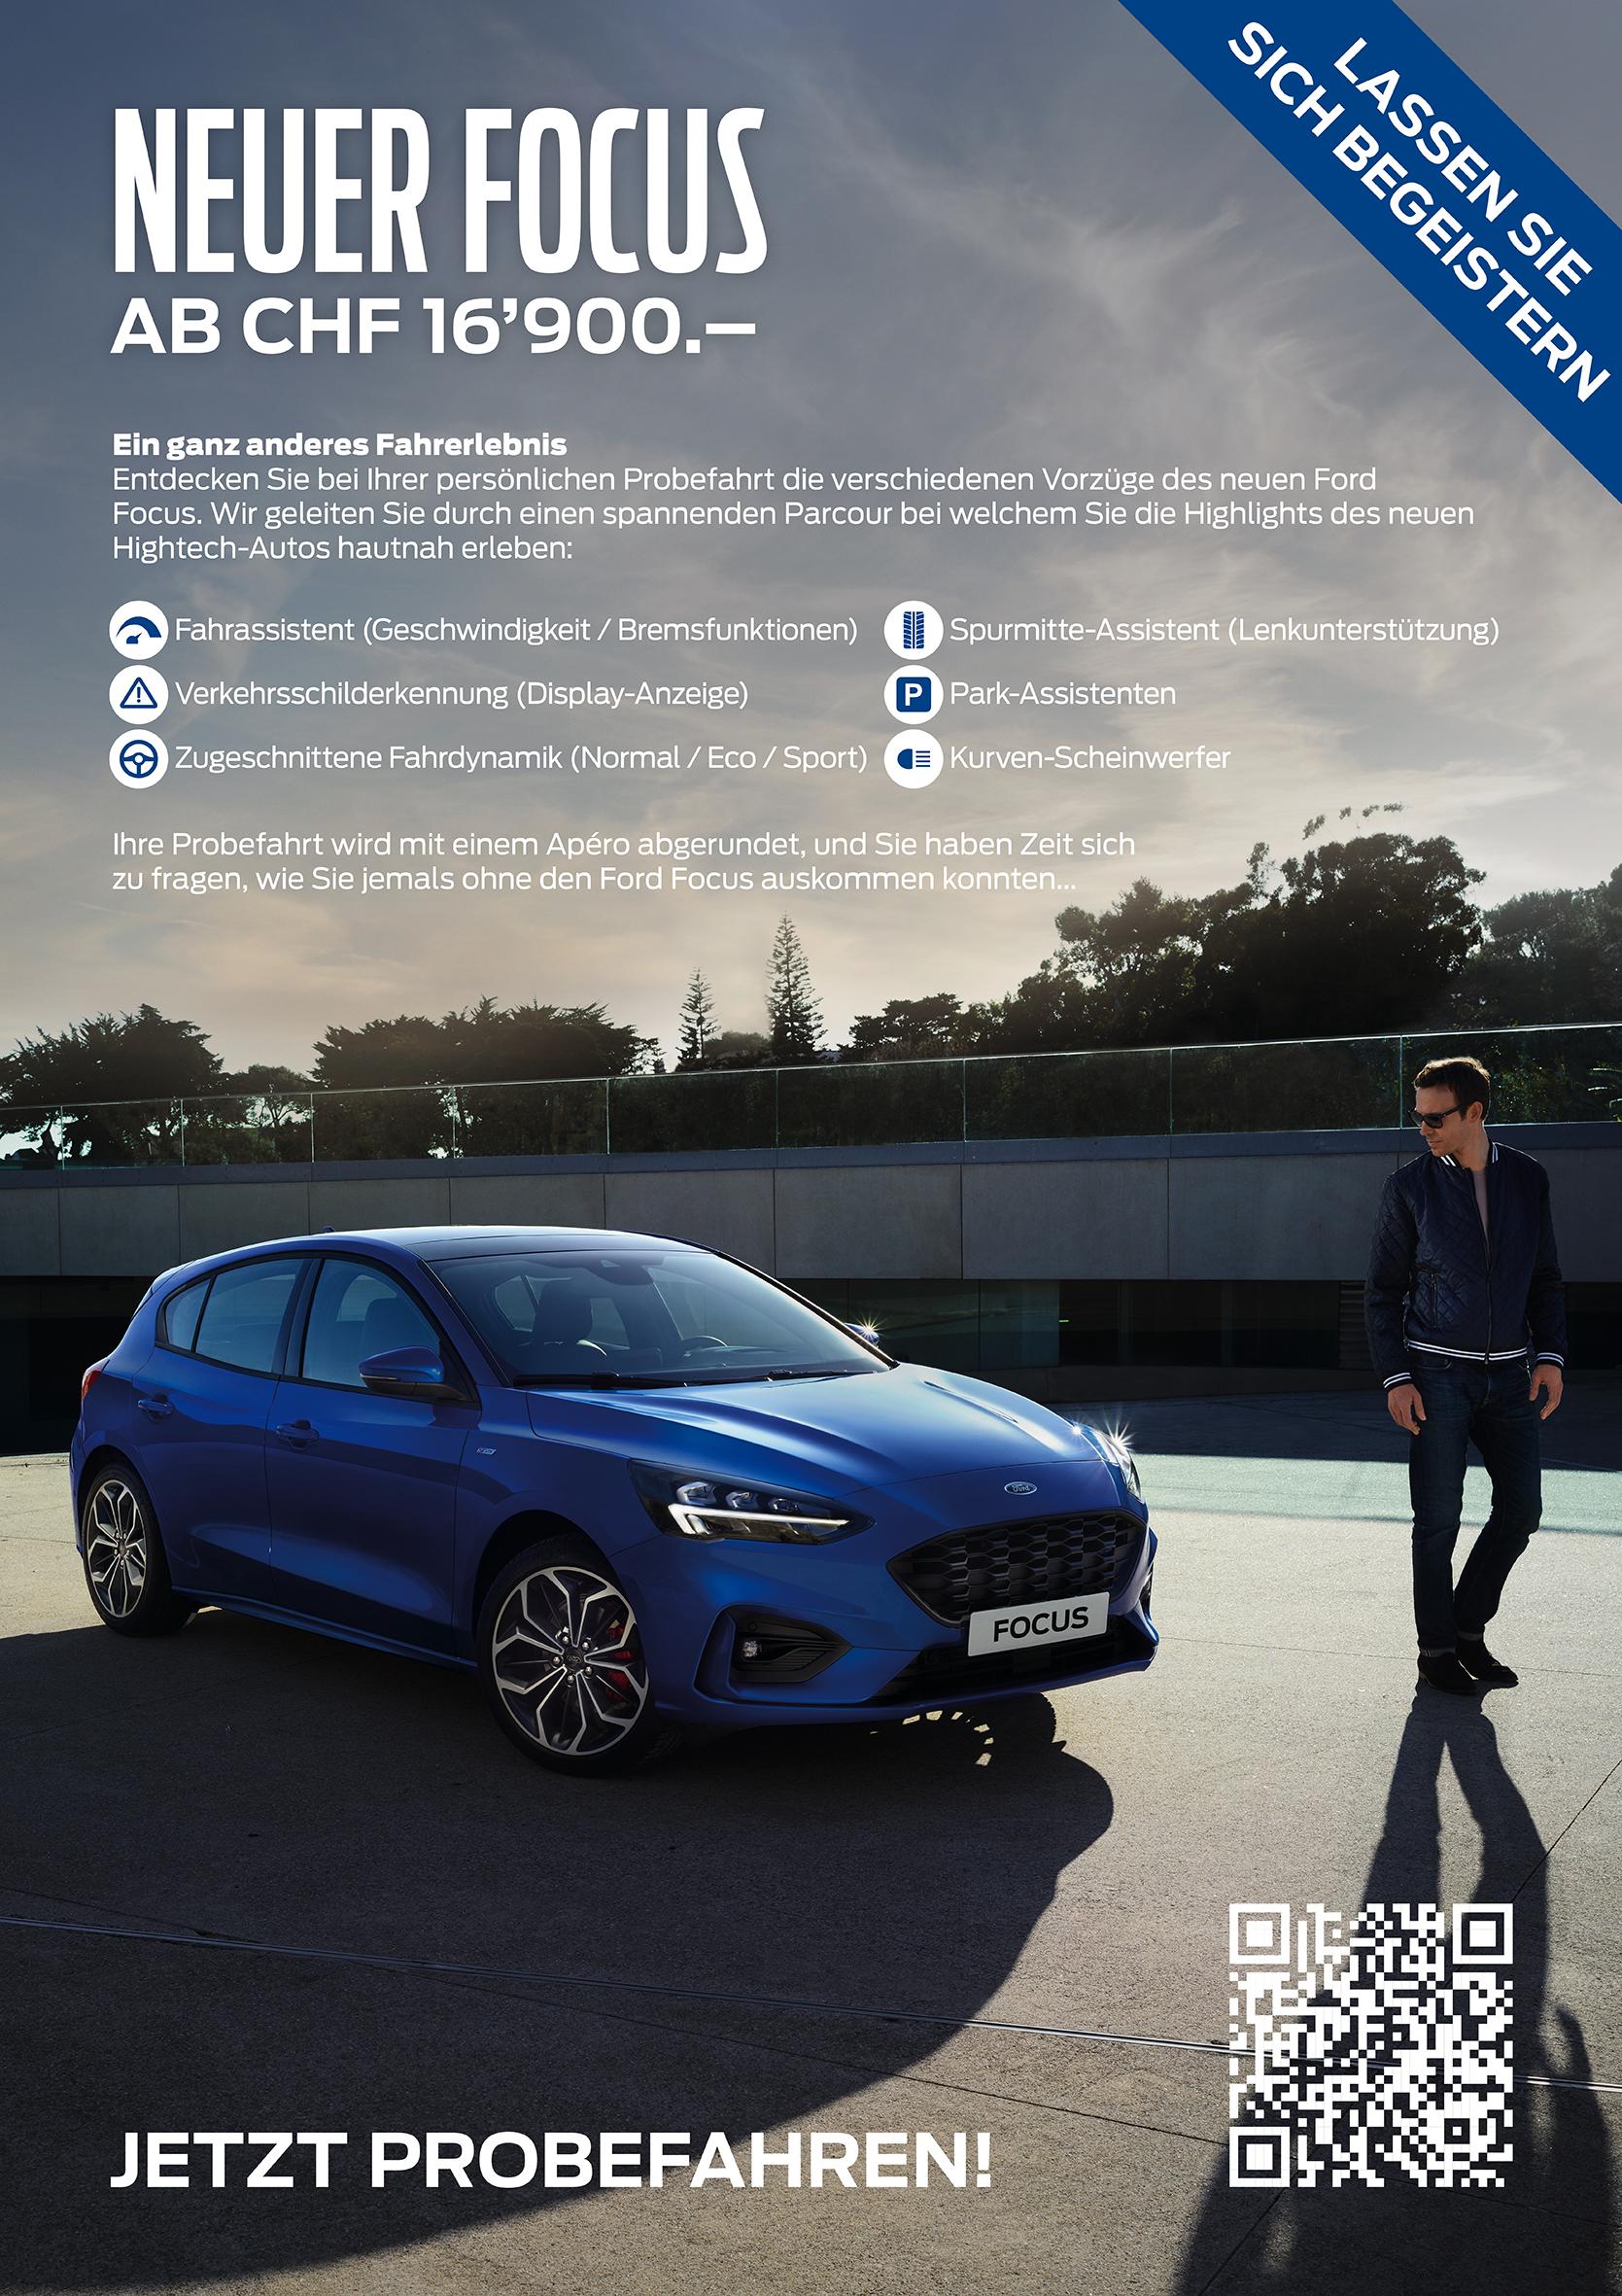 Neuer Ford Focus 2019 probefahren